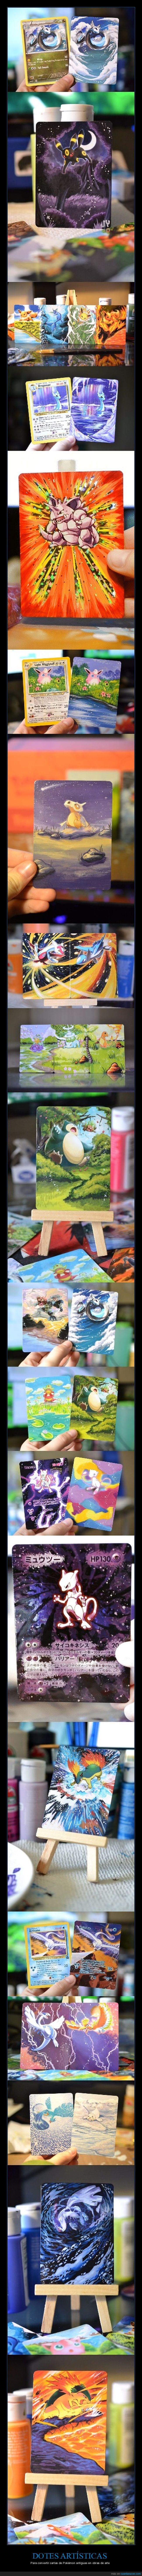 cartas,pokémon,repintar